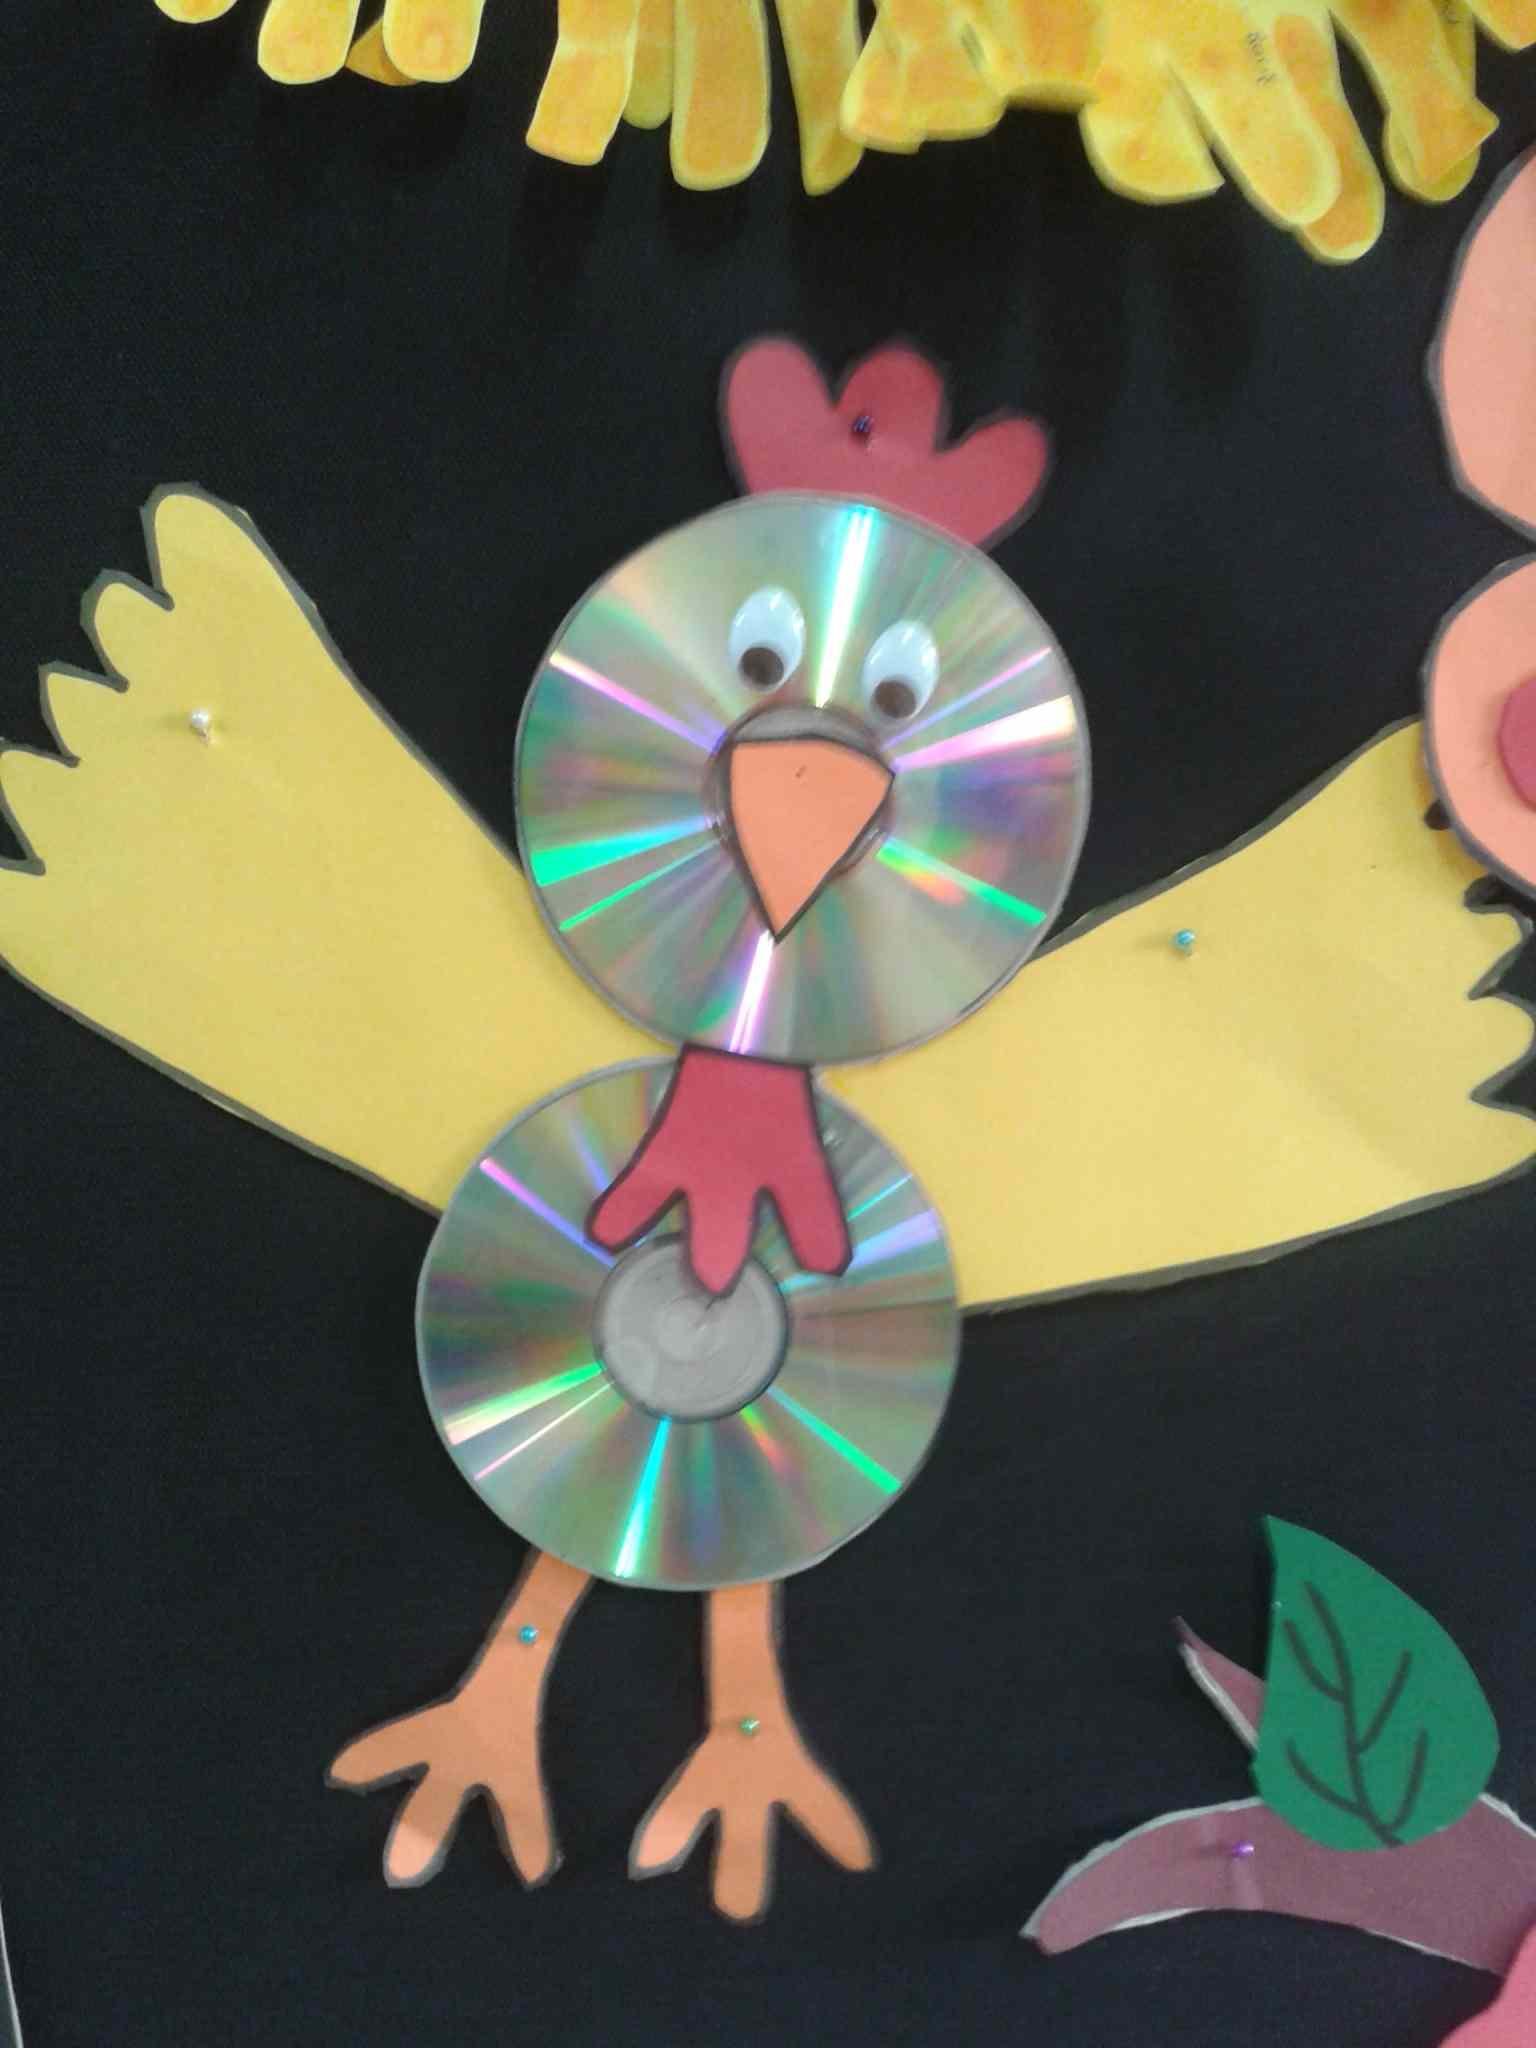 Cd Crafts For Kids Preschoolplanet